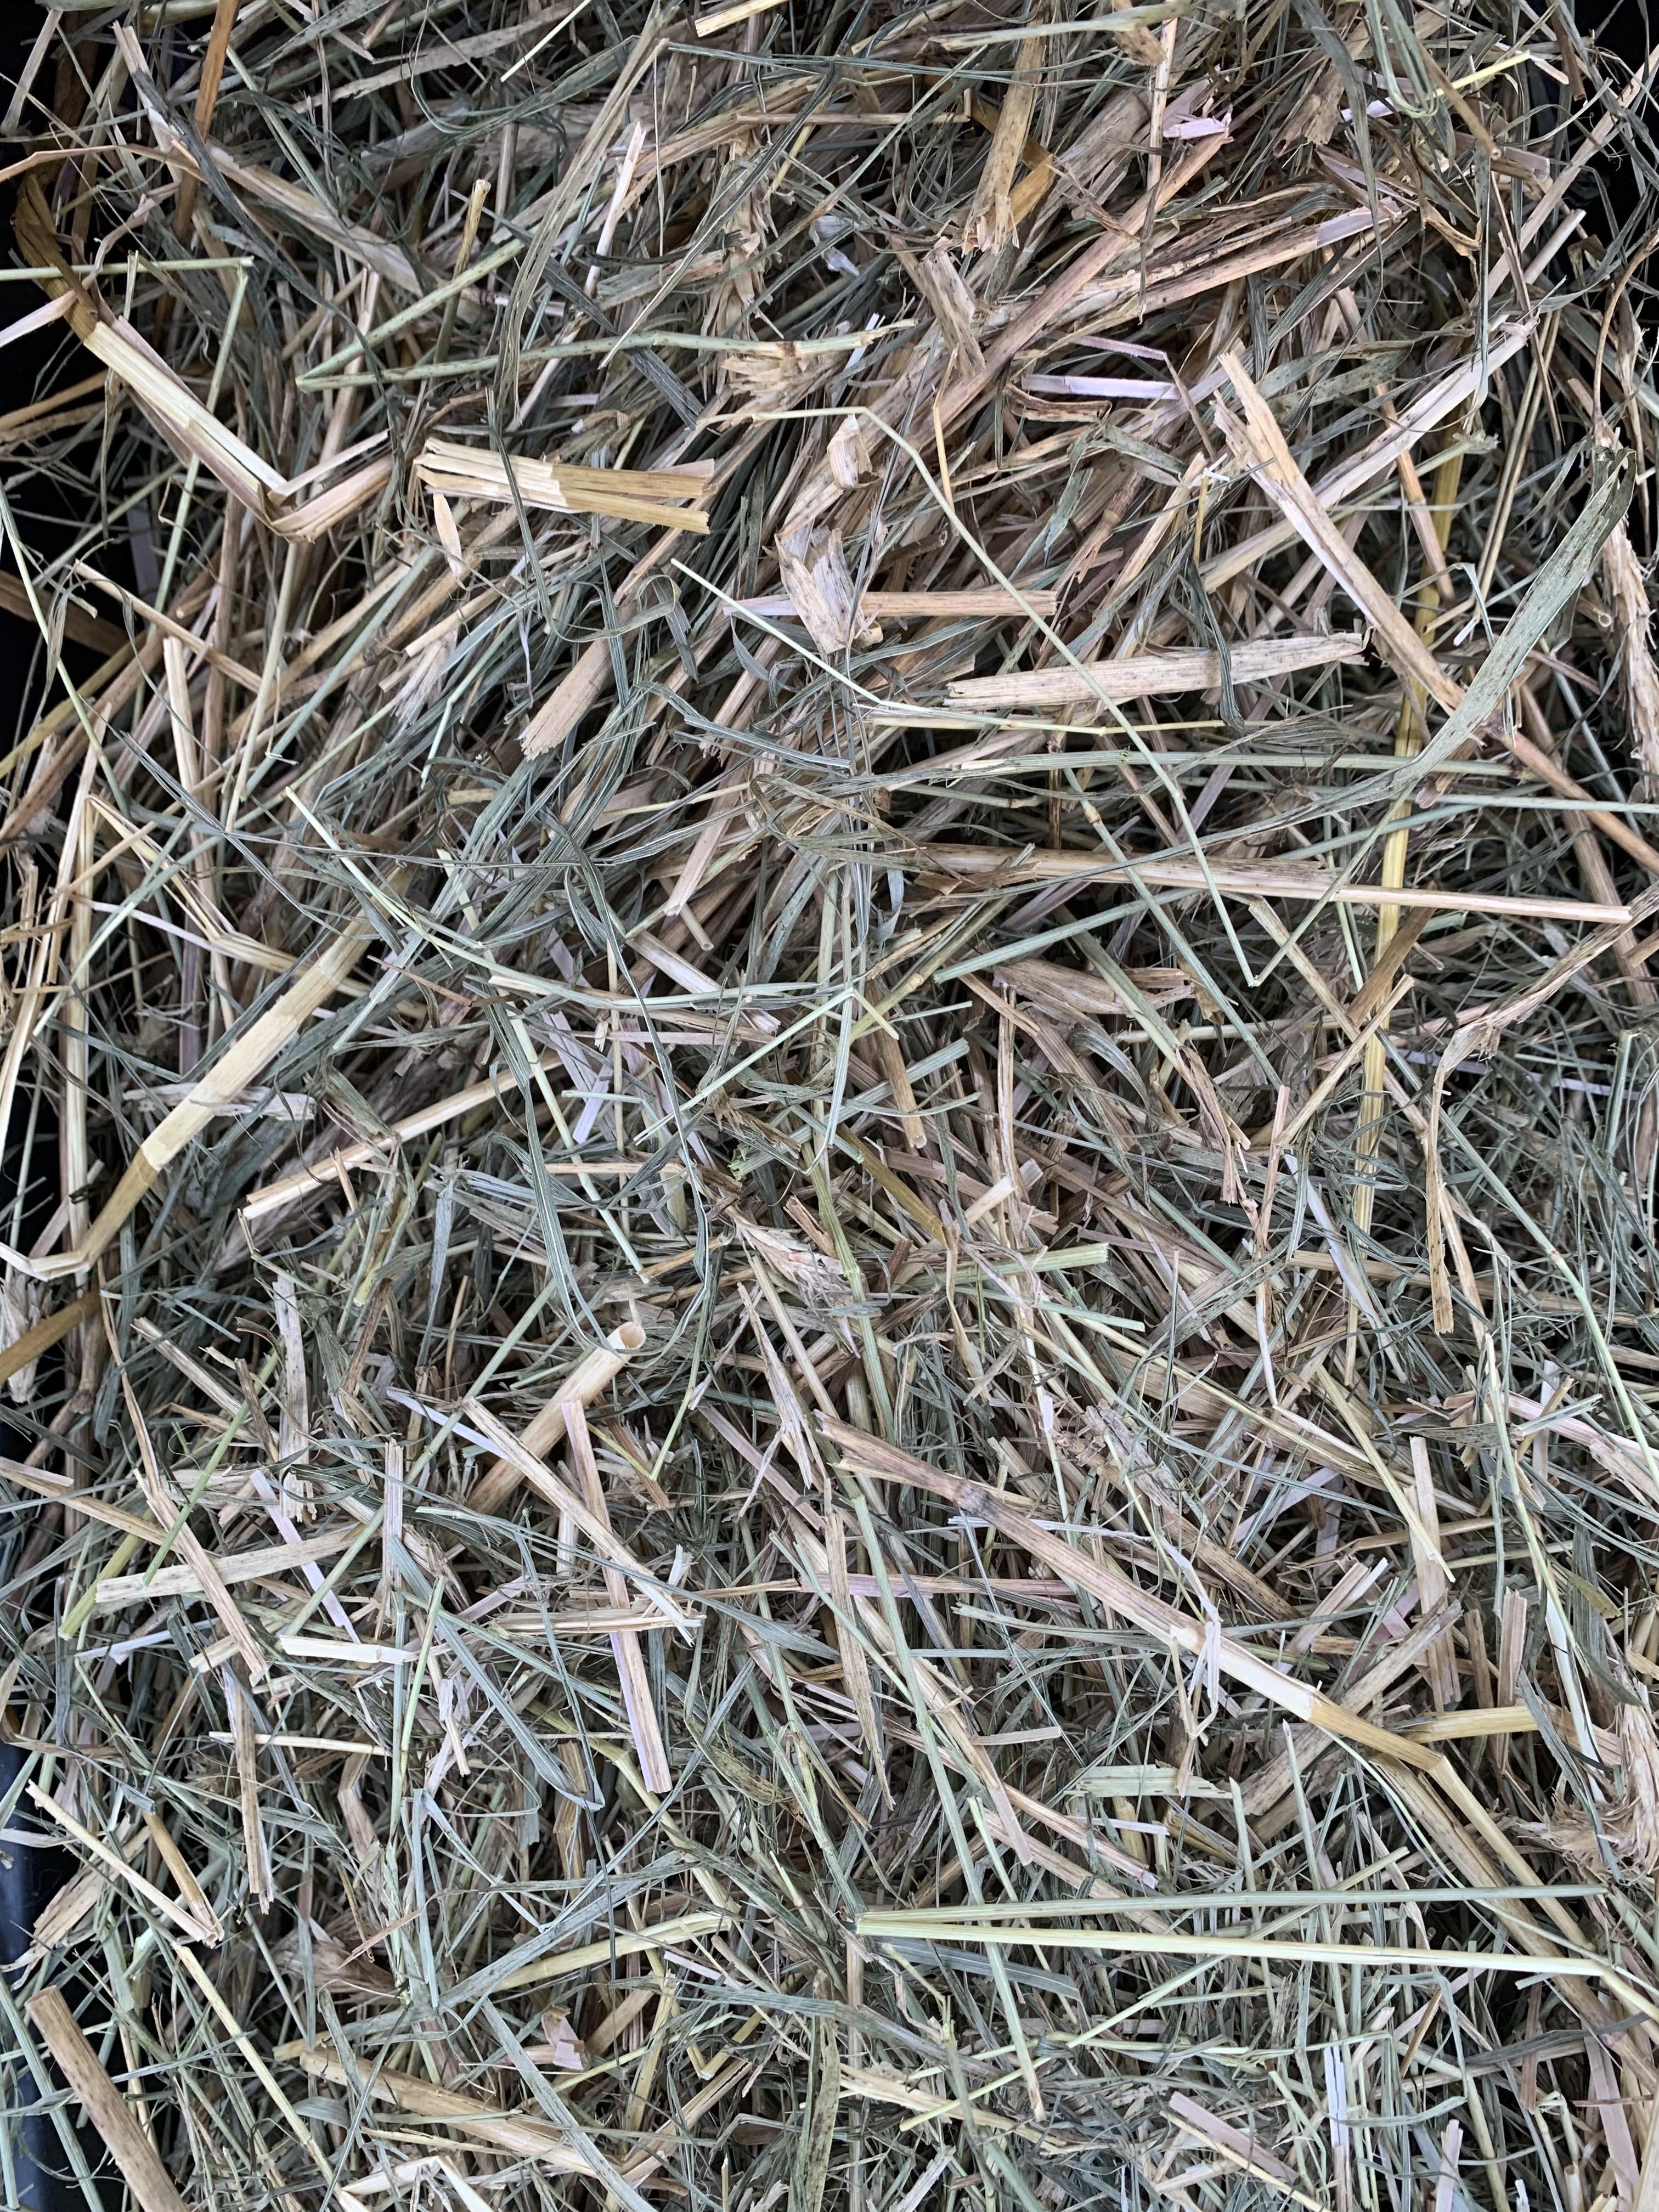 Weedy Straw